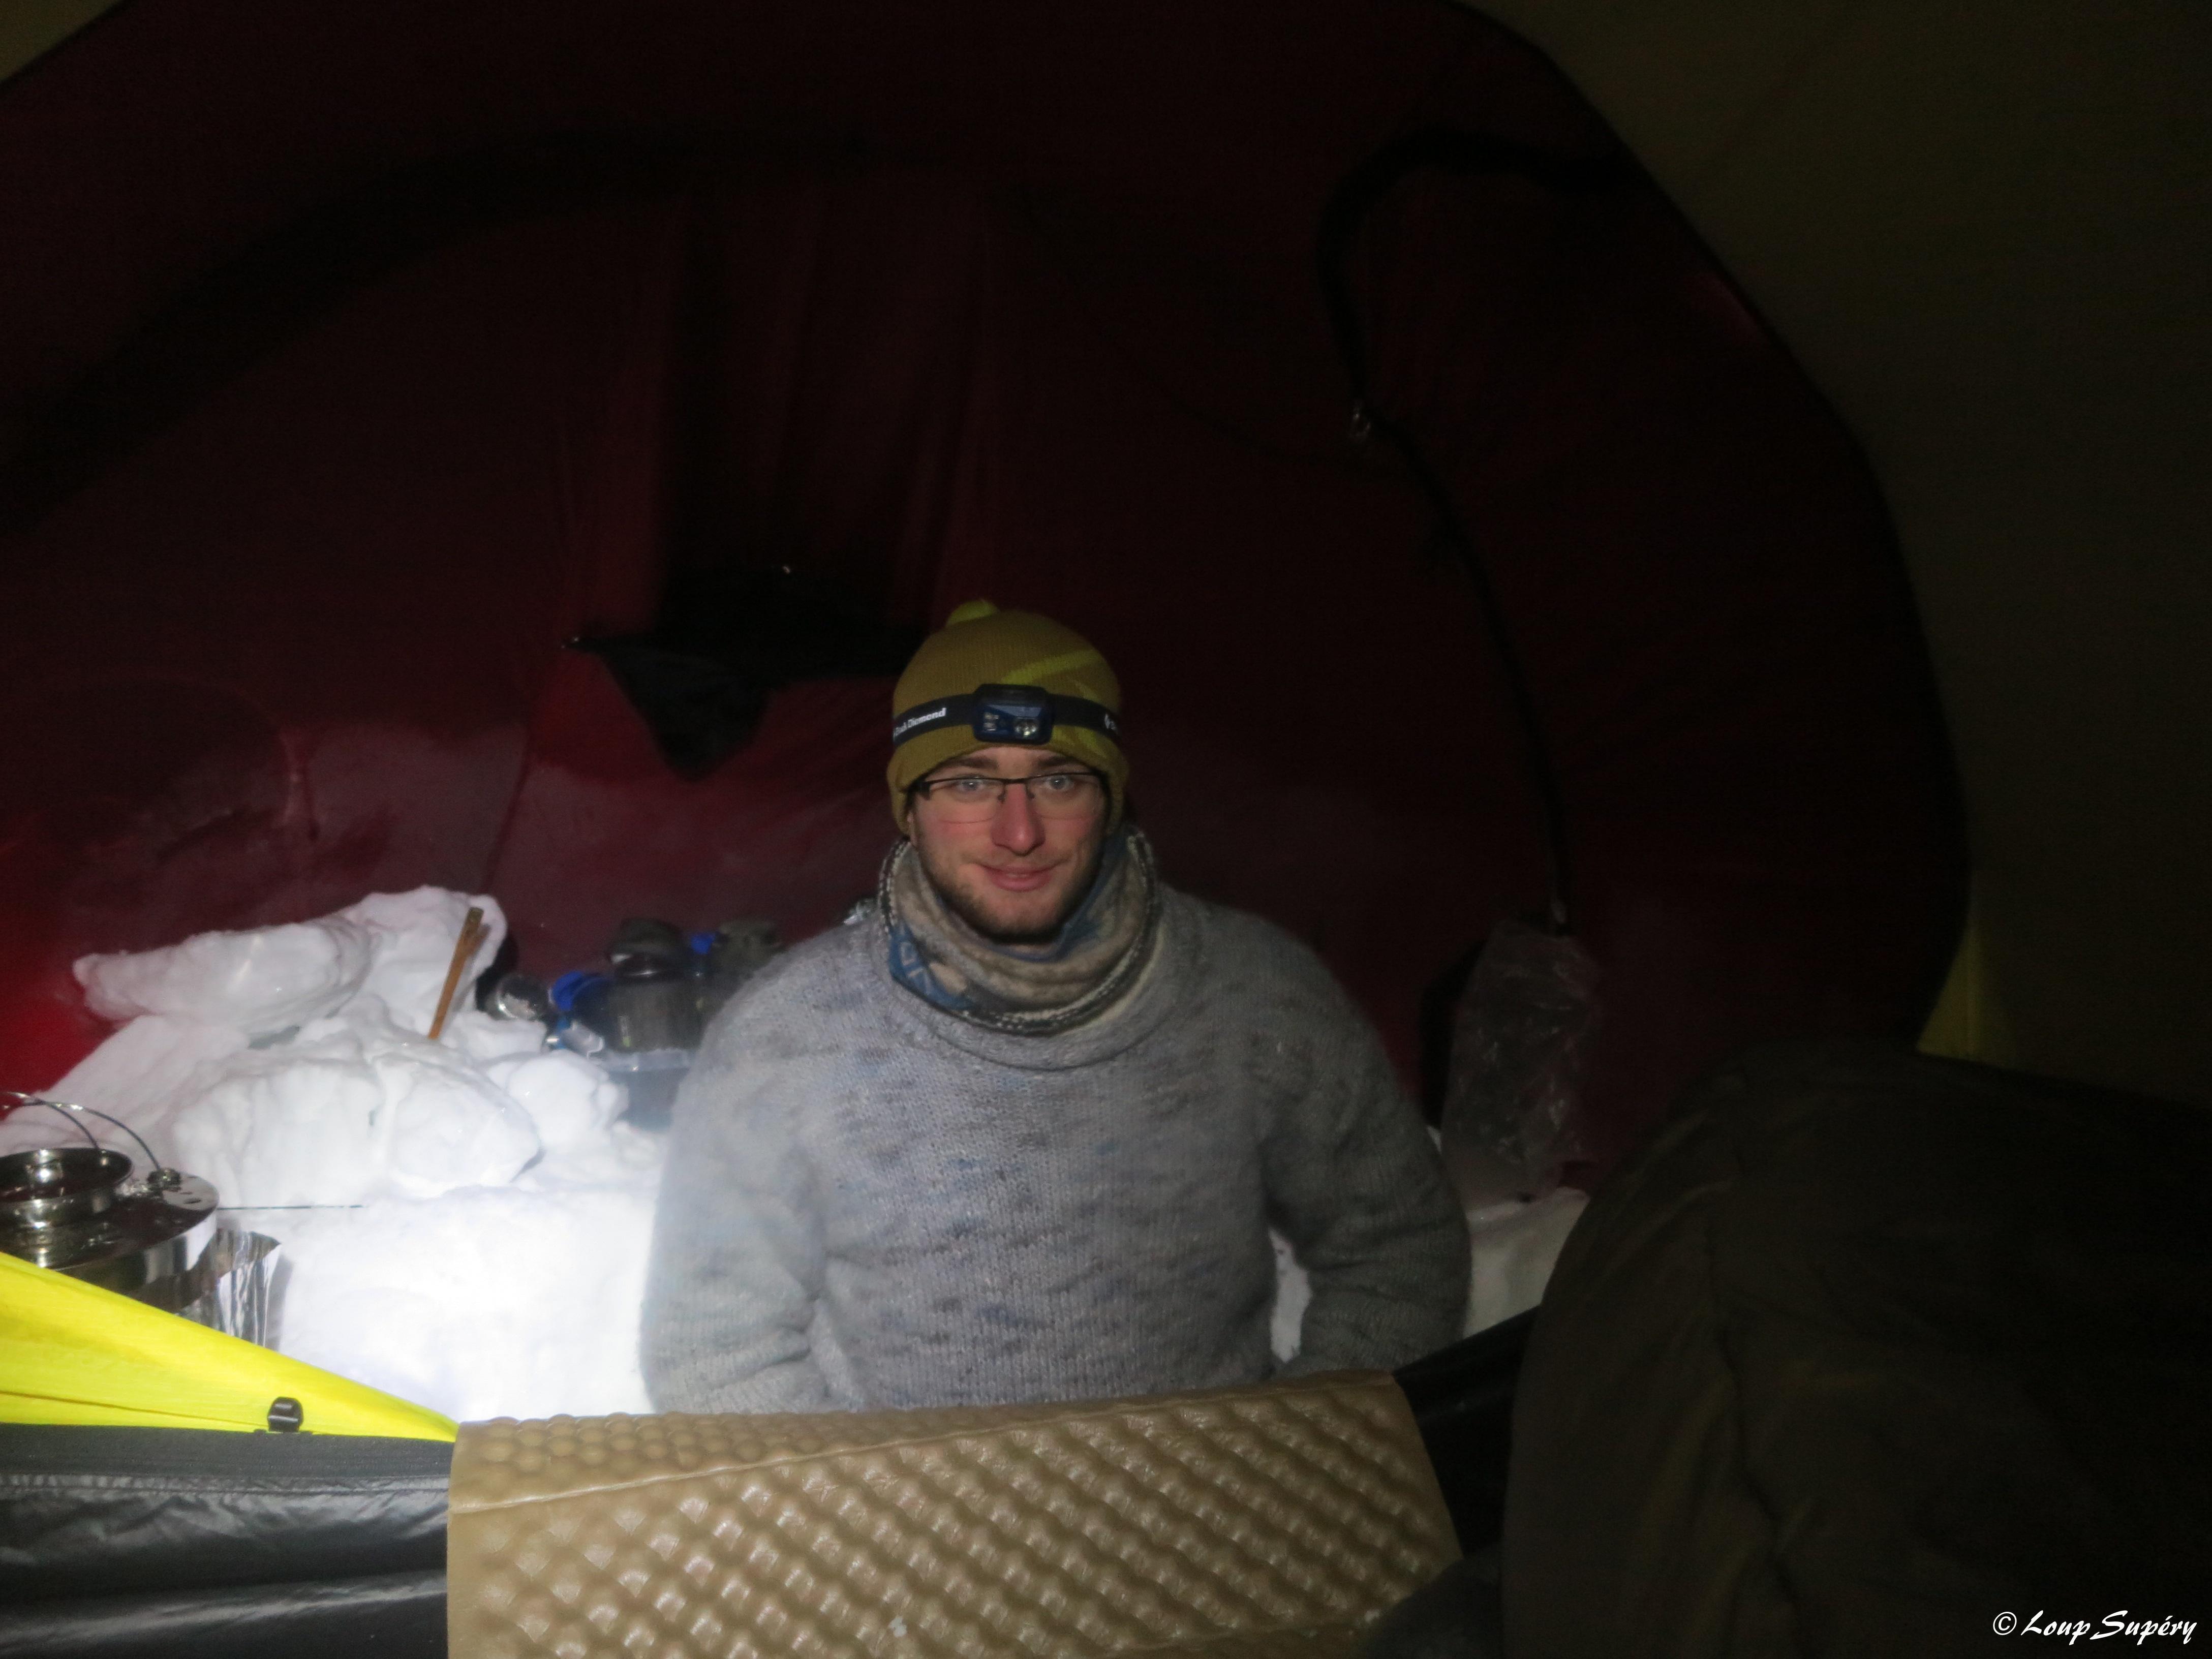 +15°C sous la tente, -28°C dehors ! Pendant une expédition à skis d'une semaine, dans le cadre de la formation. (février 2019)